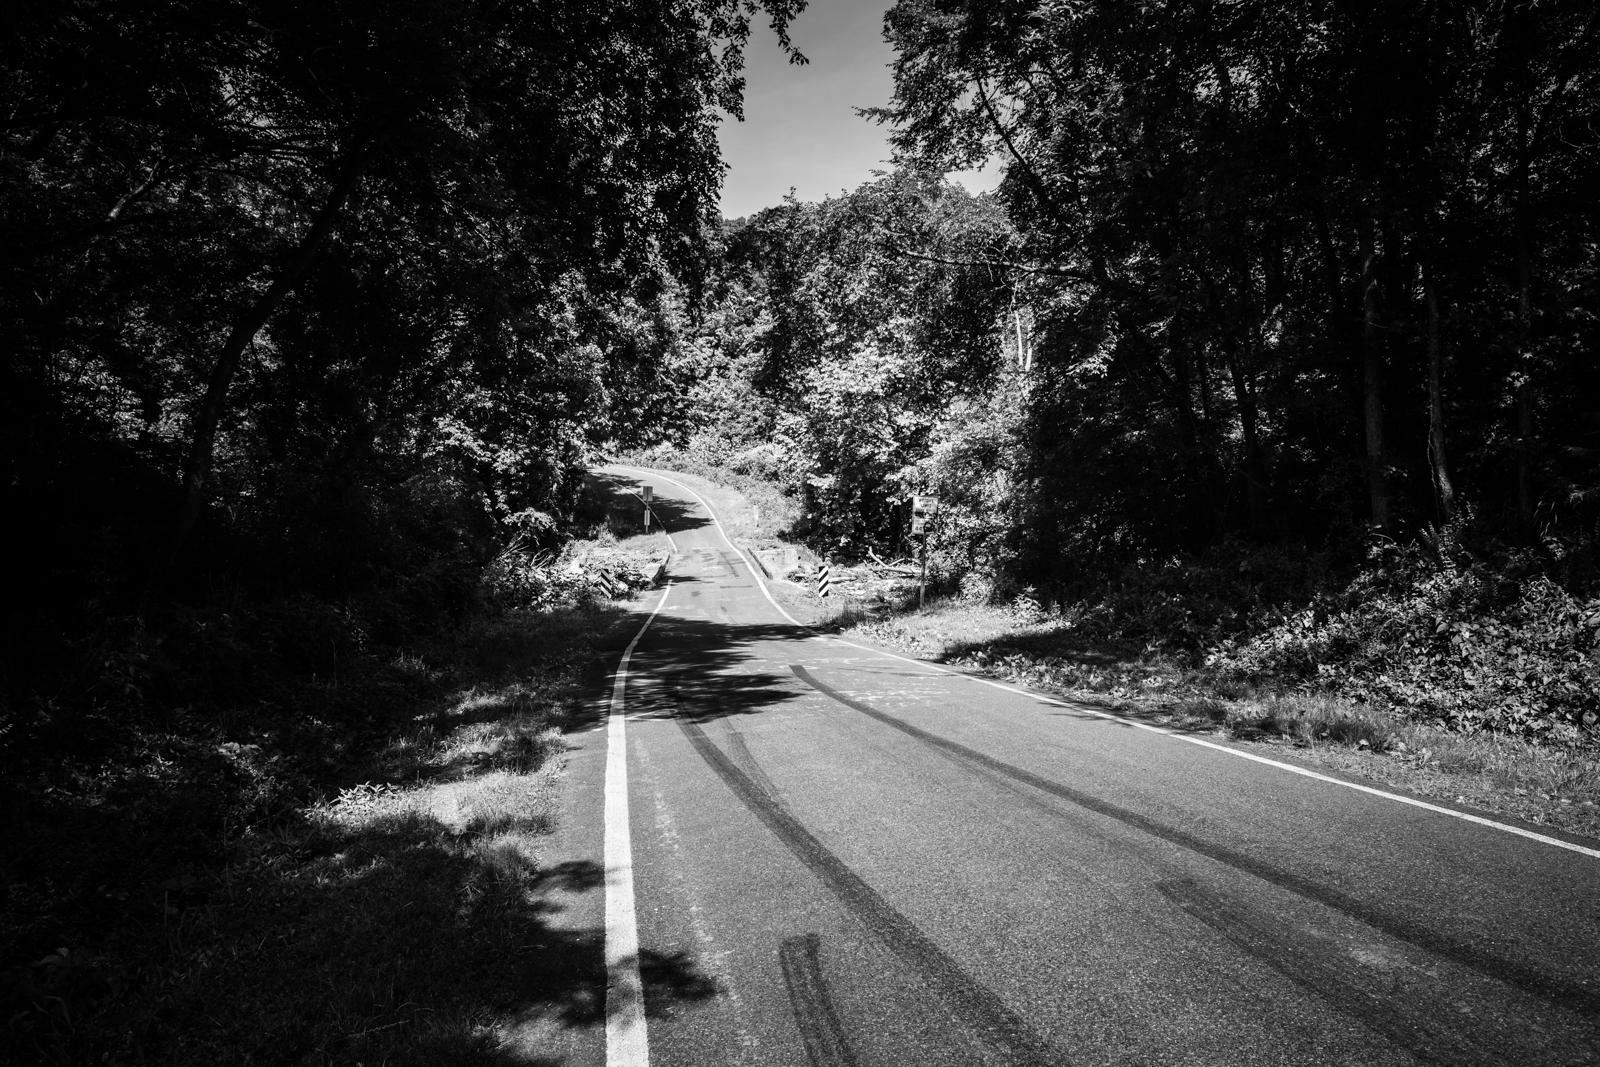 ©Jennifer Bailey 2013 Booger Hollar Rd. North Carolina